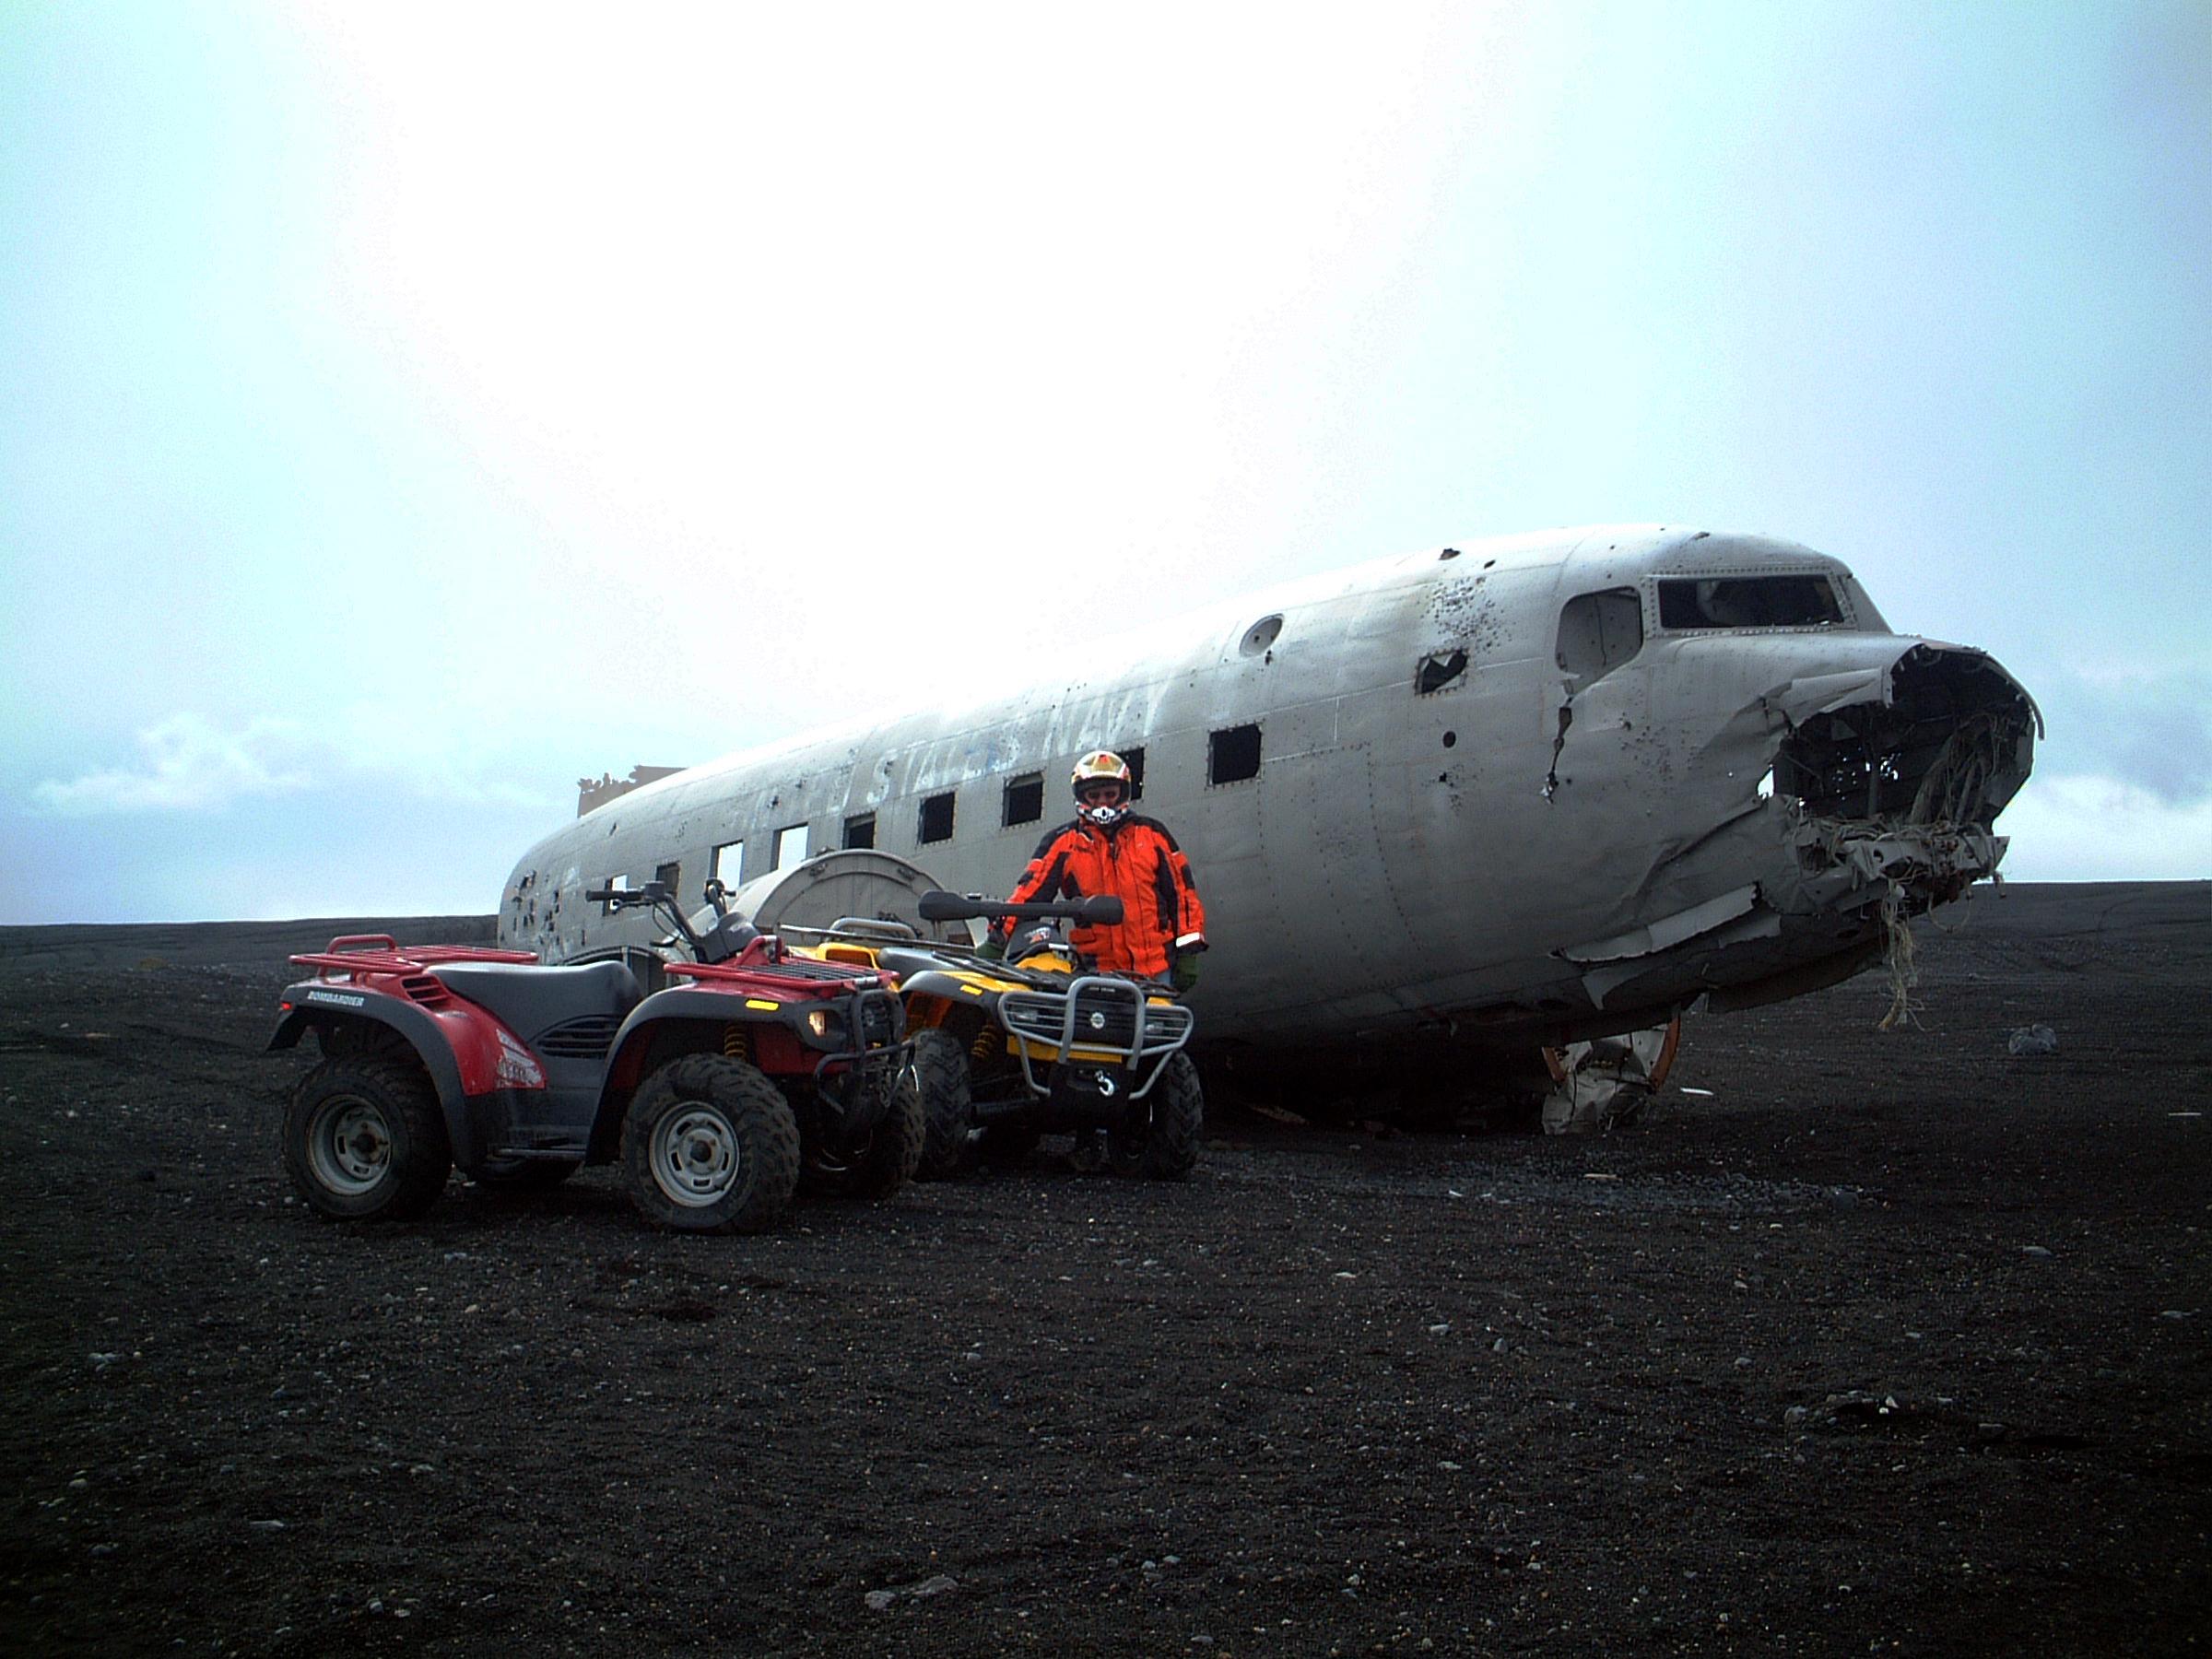 バギーに乗ってDC3飛行機の残骸を見に行こう